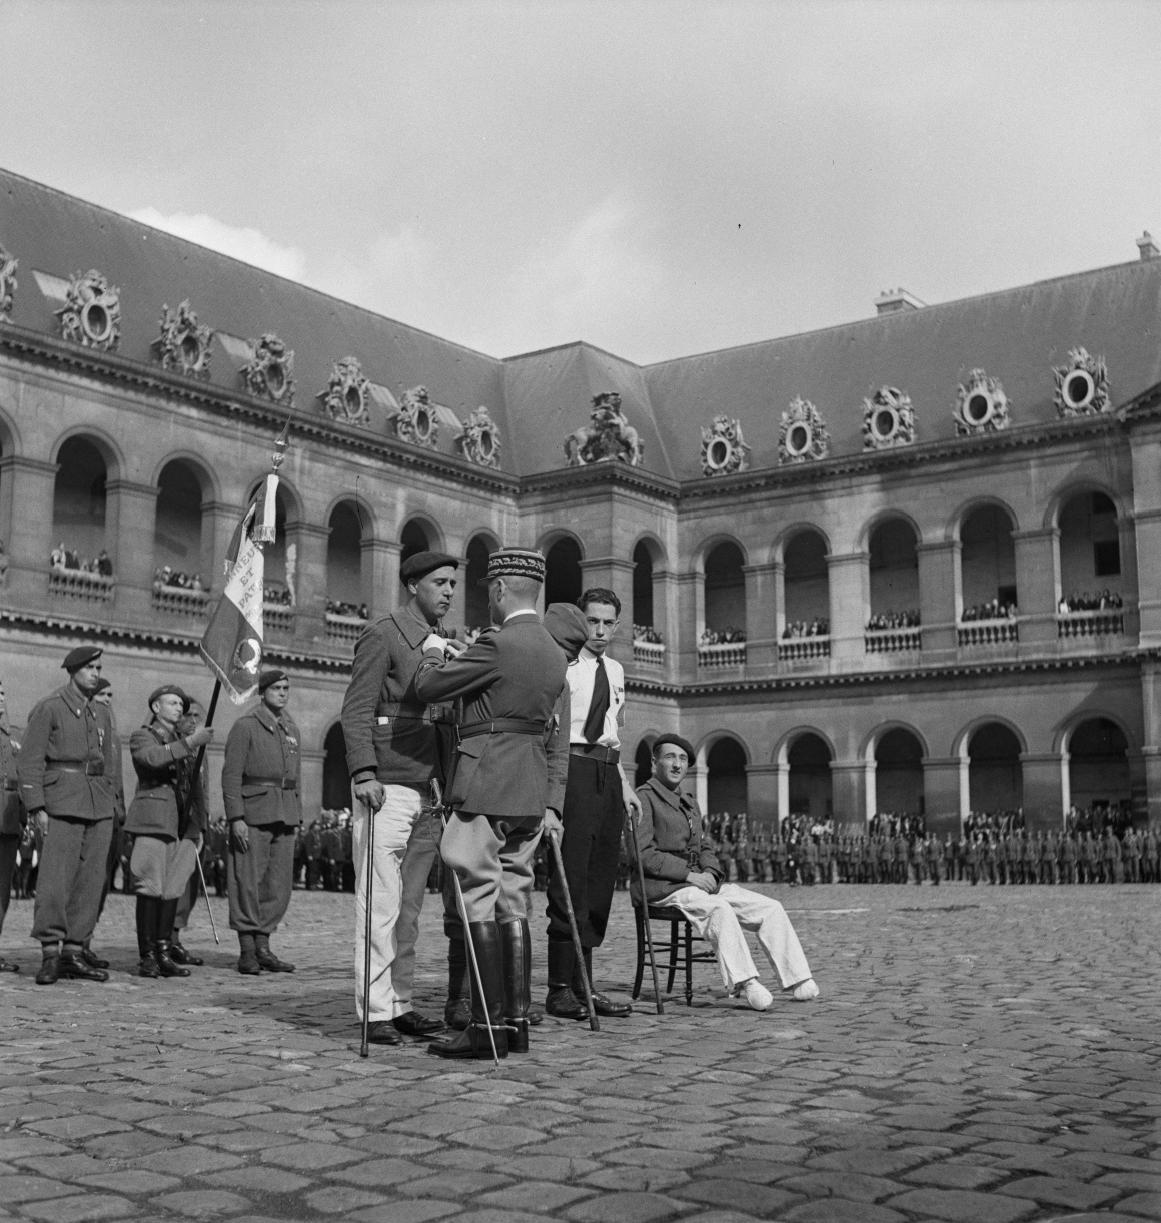 24. Четыре тяжелораненых добровольца Жан Беллек, Жорж Штайн, Жан Олмо и Андре Лефорт получили военные кресты